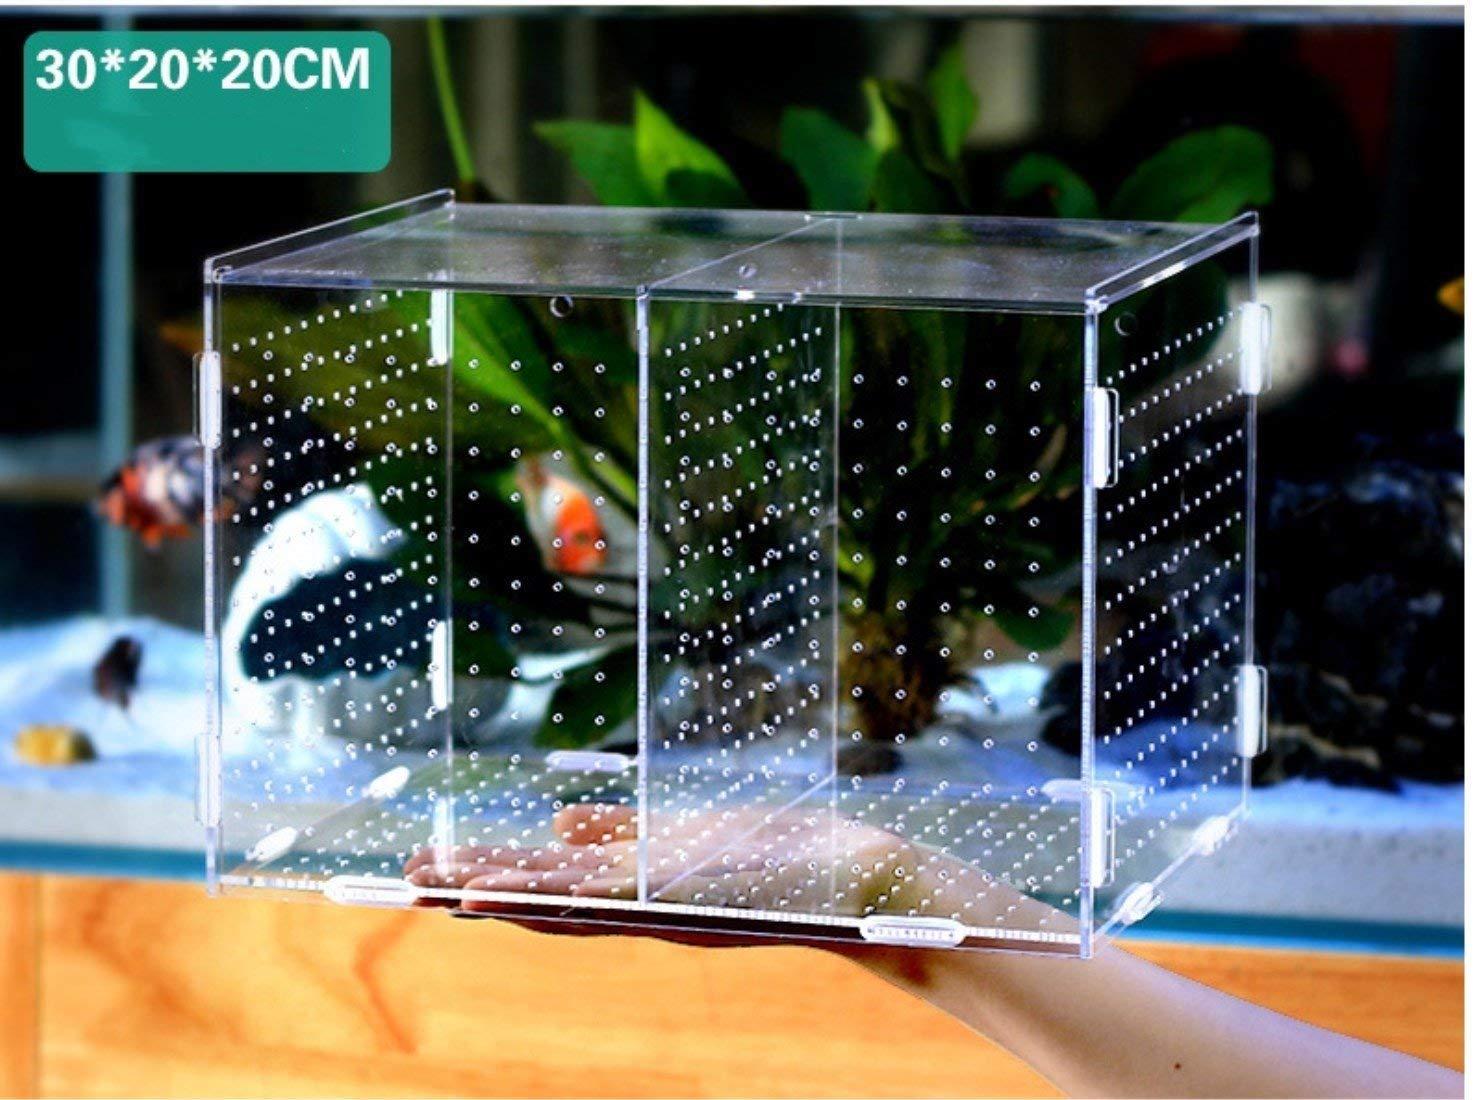 FITMATE Boîte d'élevage de Poisson Ventouses en Plastique Aquarium Éclosion Boîte en Acrylique de Haute Qualité Accessoire d'Aquarium Multifonctionnel Boîte à Frai 30 x 20 x 20 cm